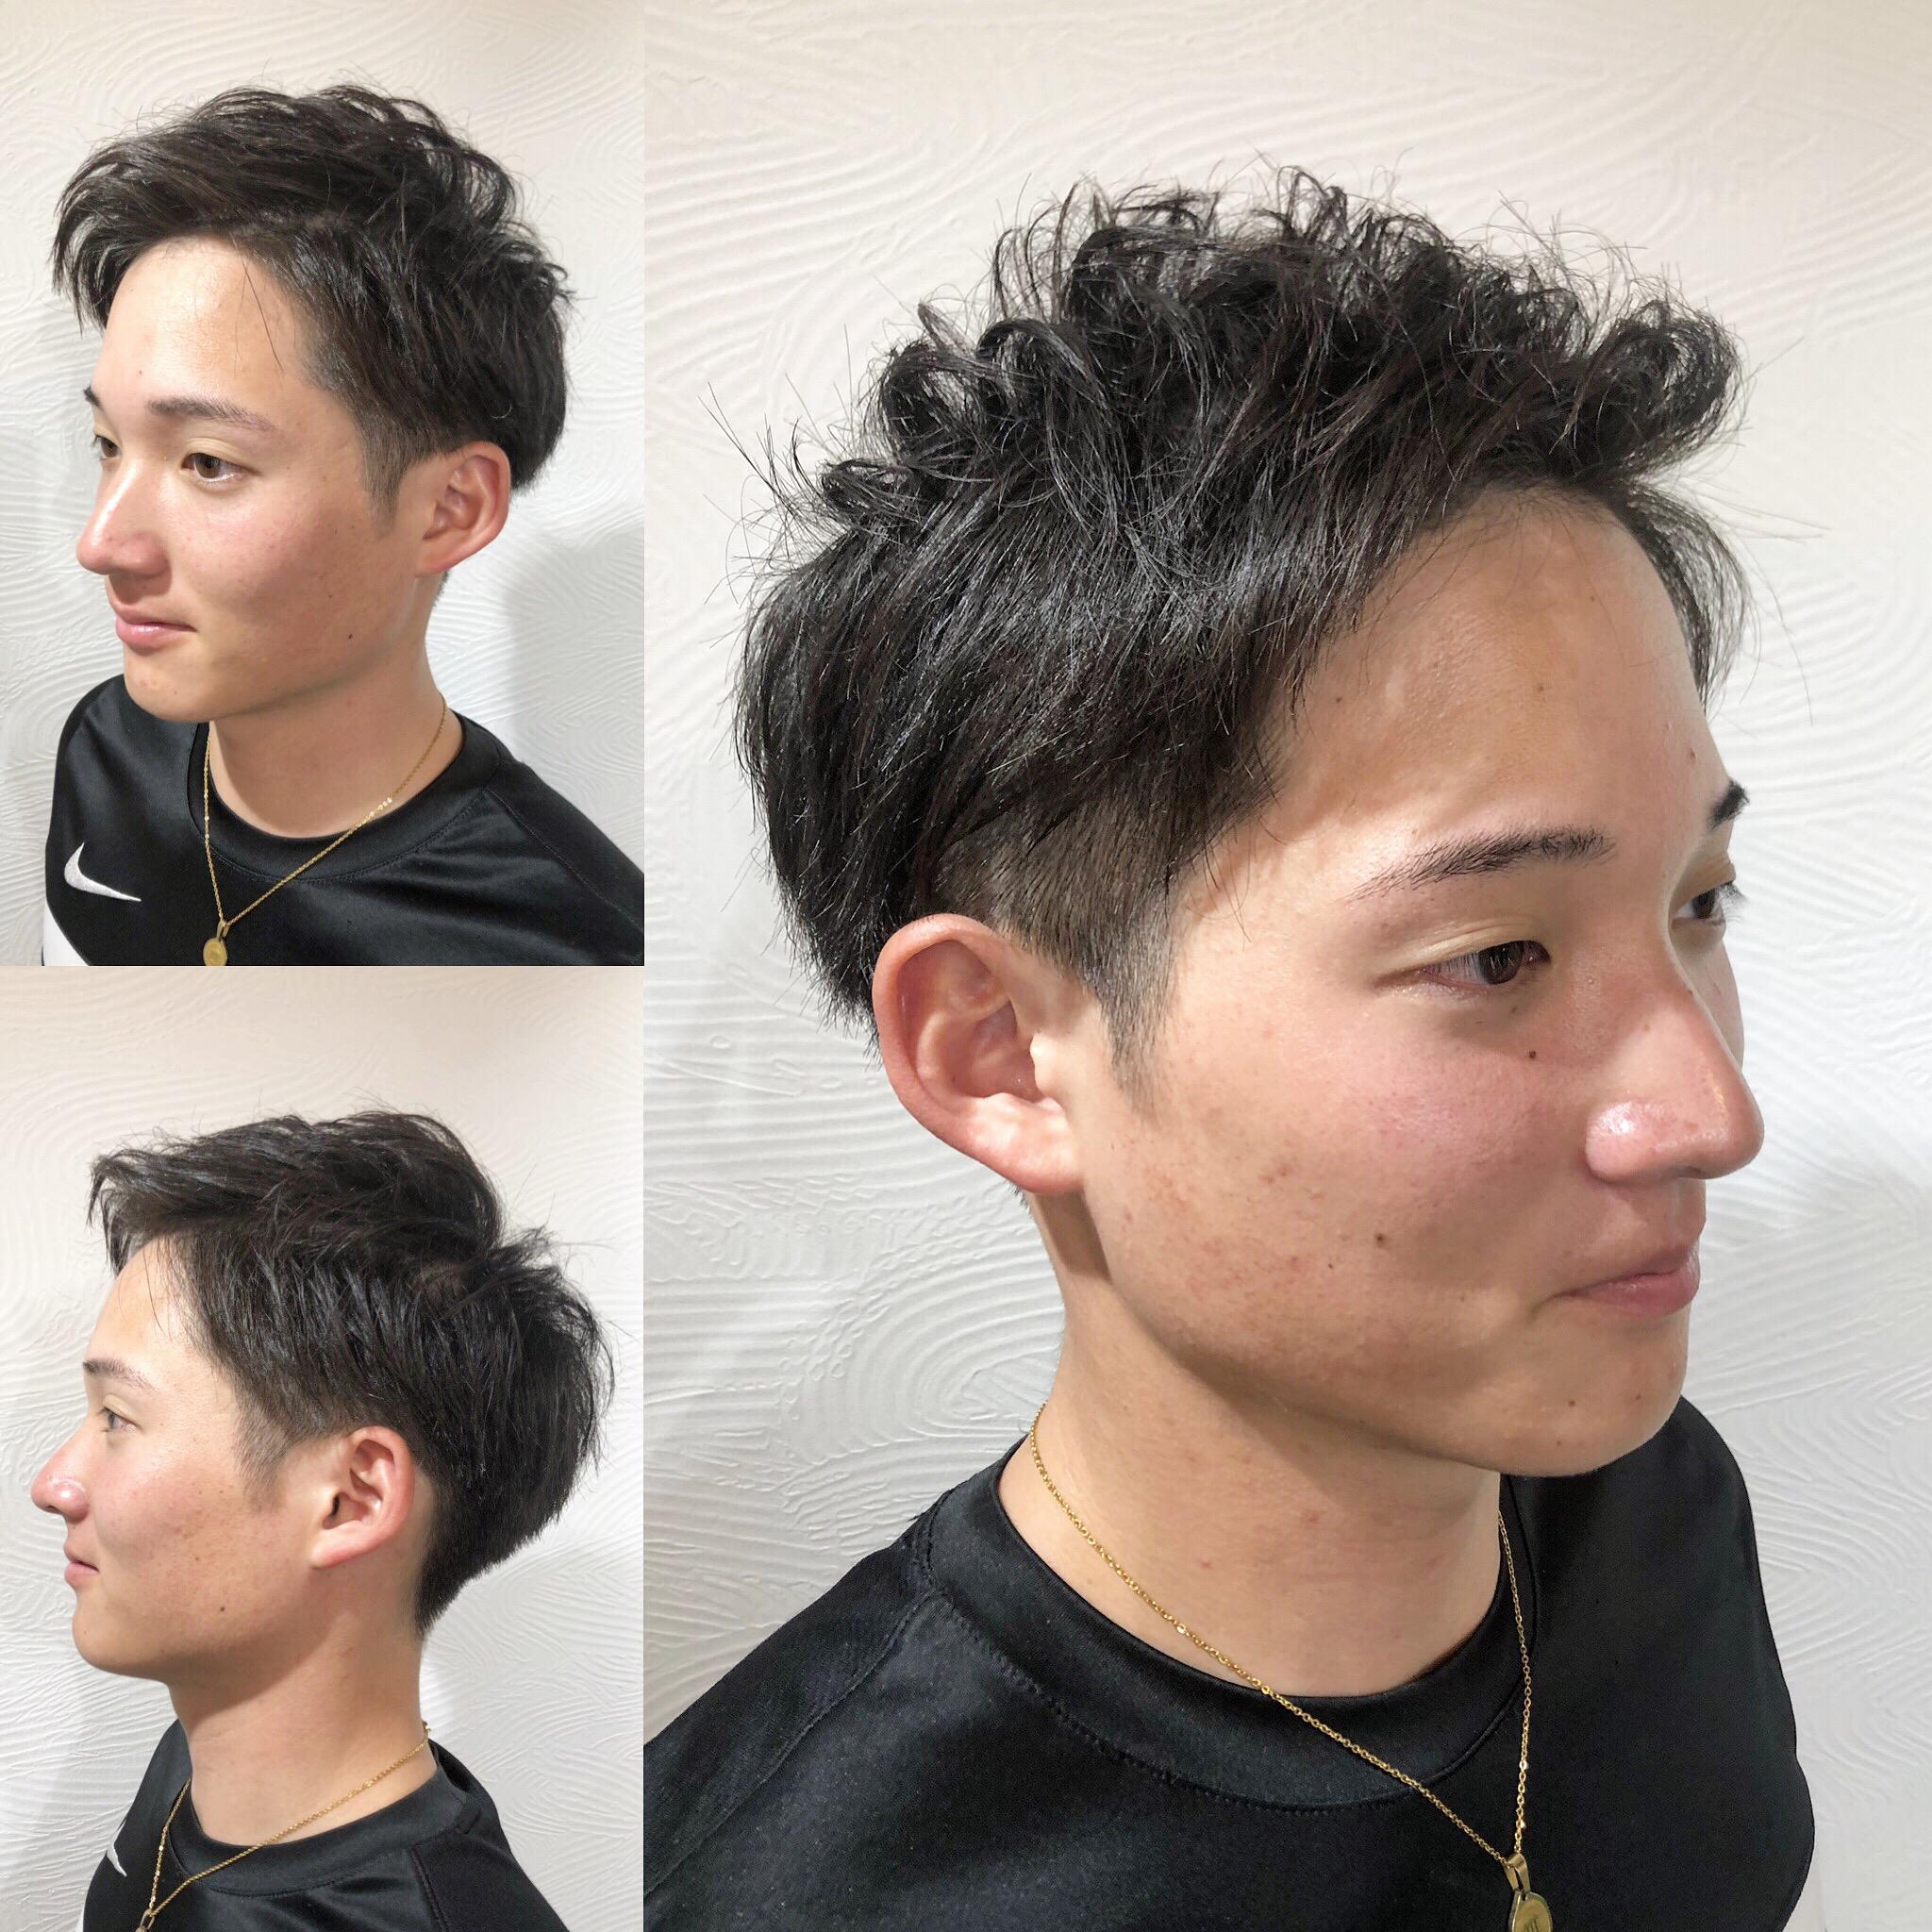 ない ツー ブロック 髪型 じゃ なぜ最近の男性はツーブロックだらけなの?美容師さんに聞いてみた【LIG男性社員の48%】